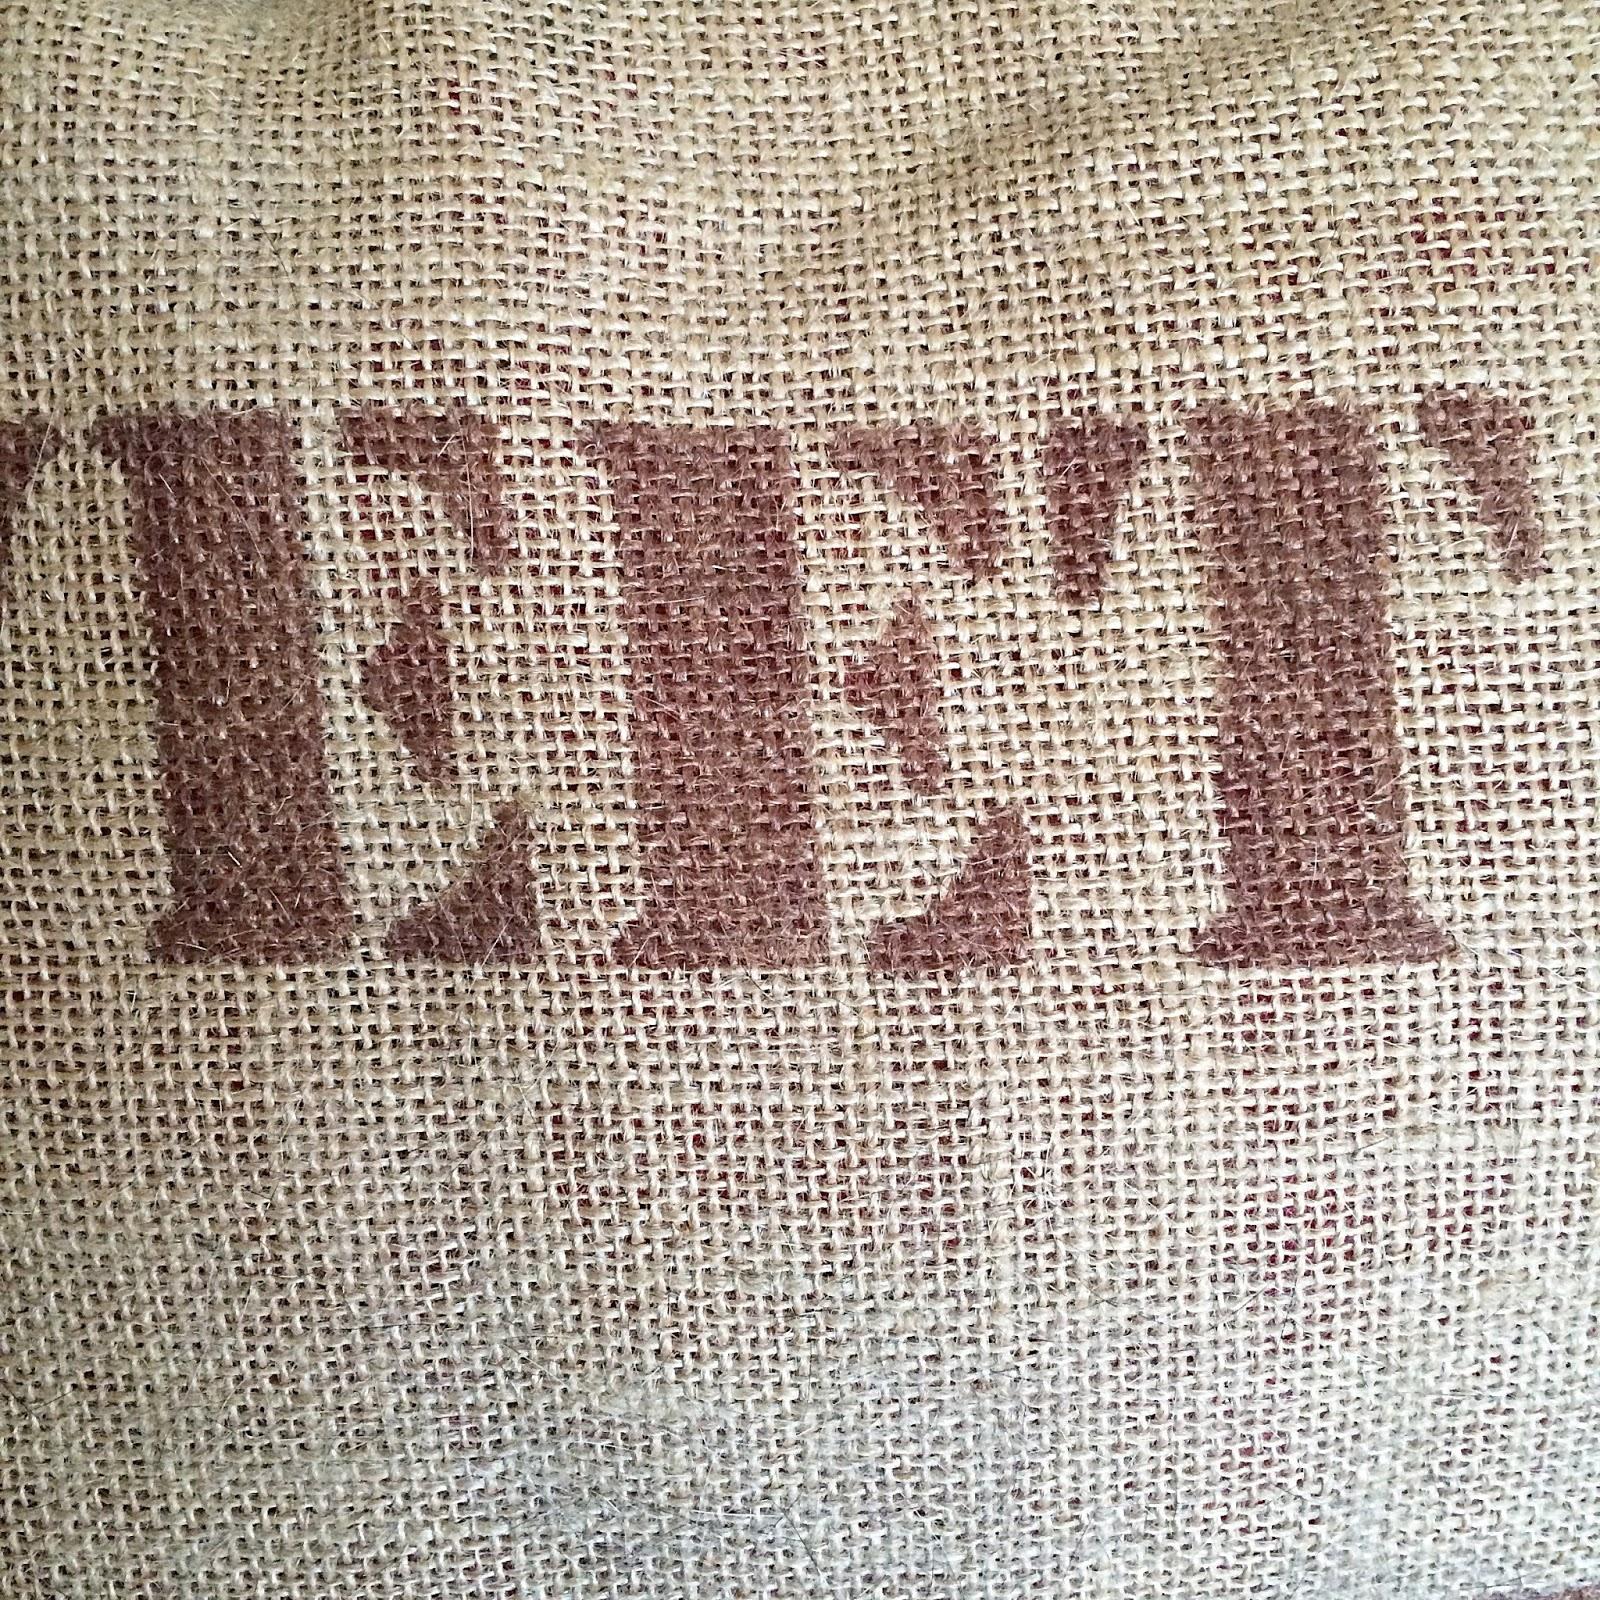 una vez pintadas las palabras o frase que queremos para nuestro cojn llega el momento de coser no os olvidis de meter dentro el cojn o el relleno que